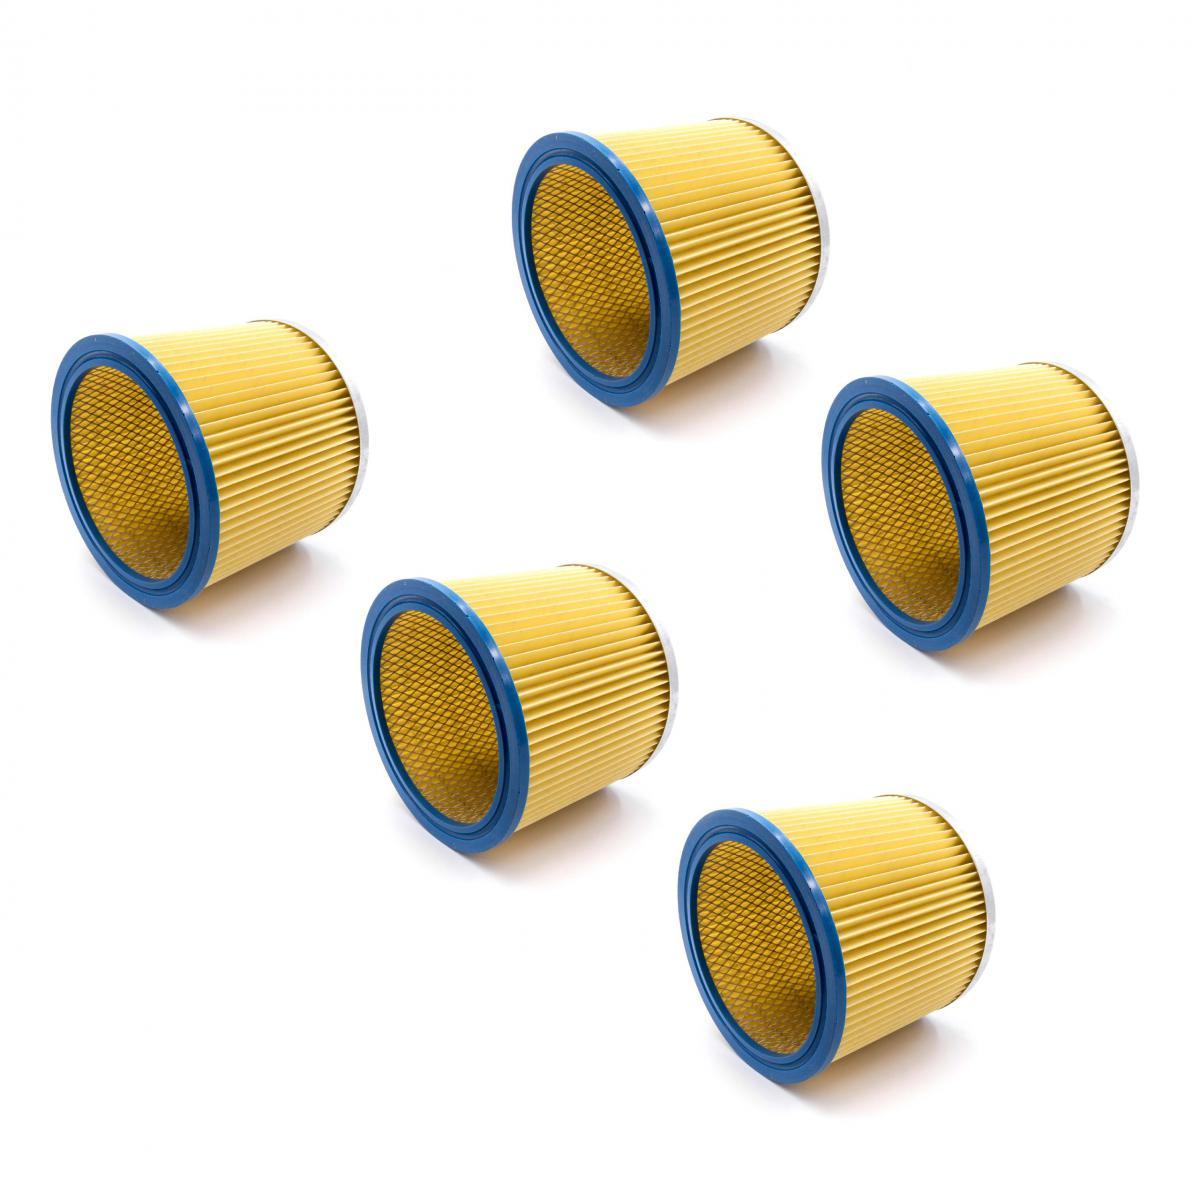 Vhbw vhbw 5x Filtre rond / filtre en lamelles pour aspirateur Aqua Vac Super 40, 615 S1, 615 S2, 760